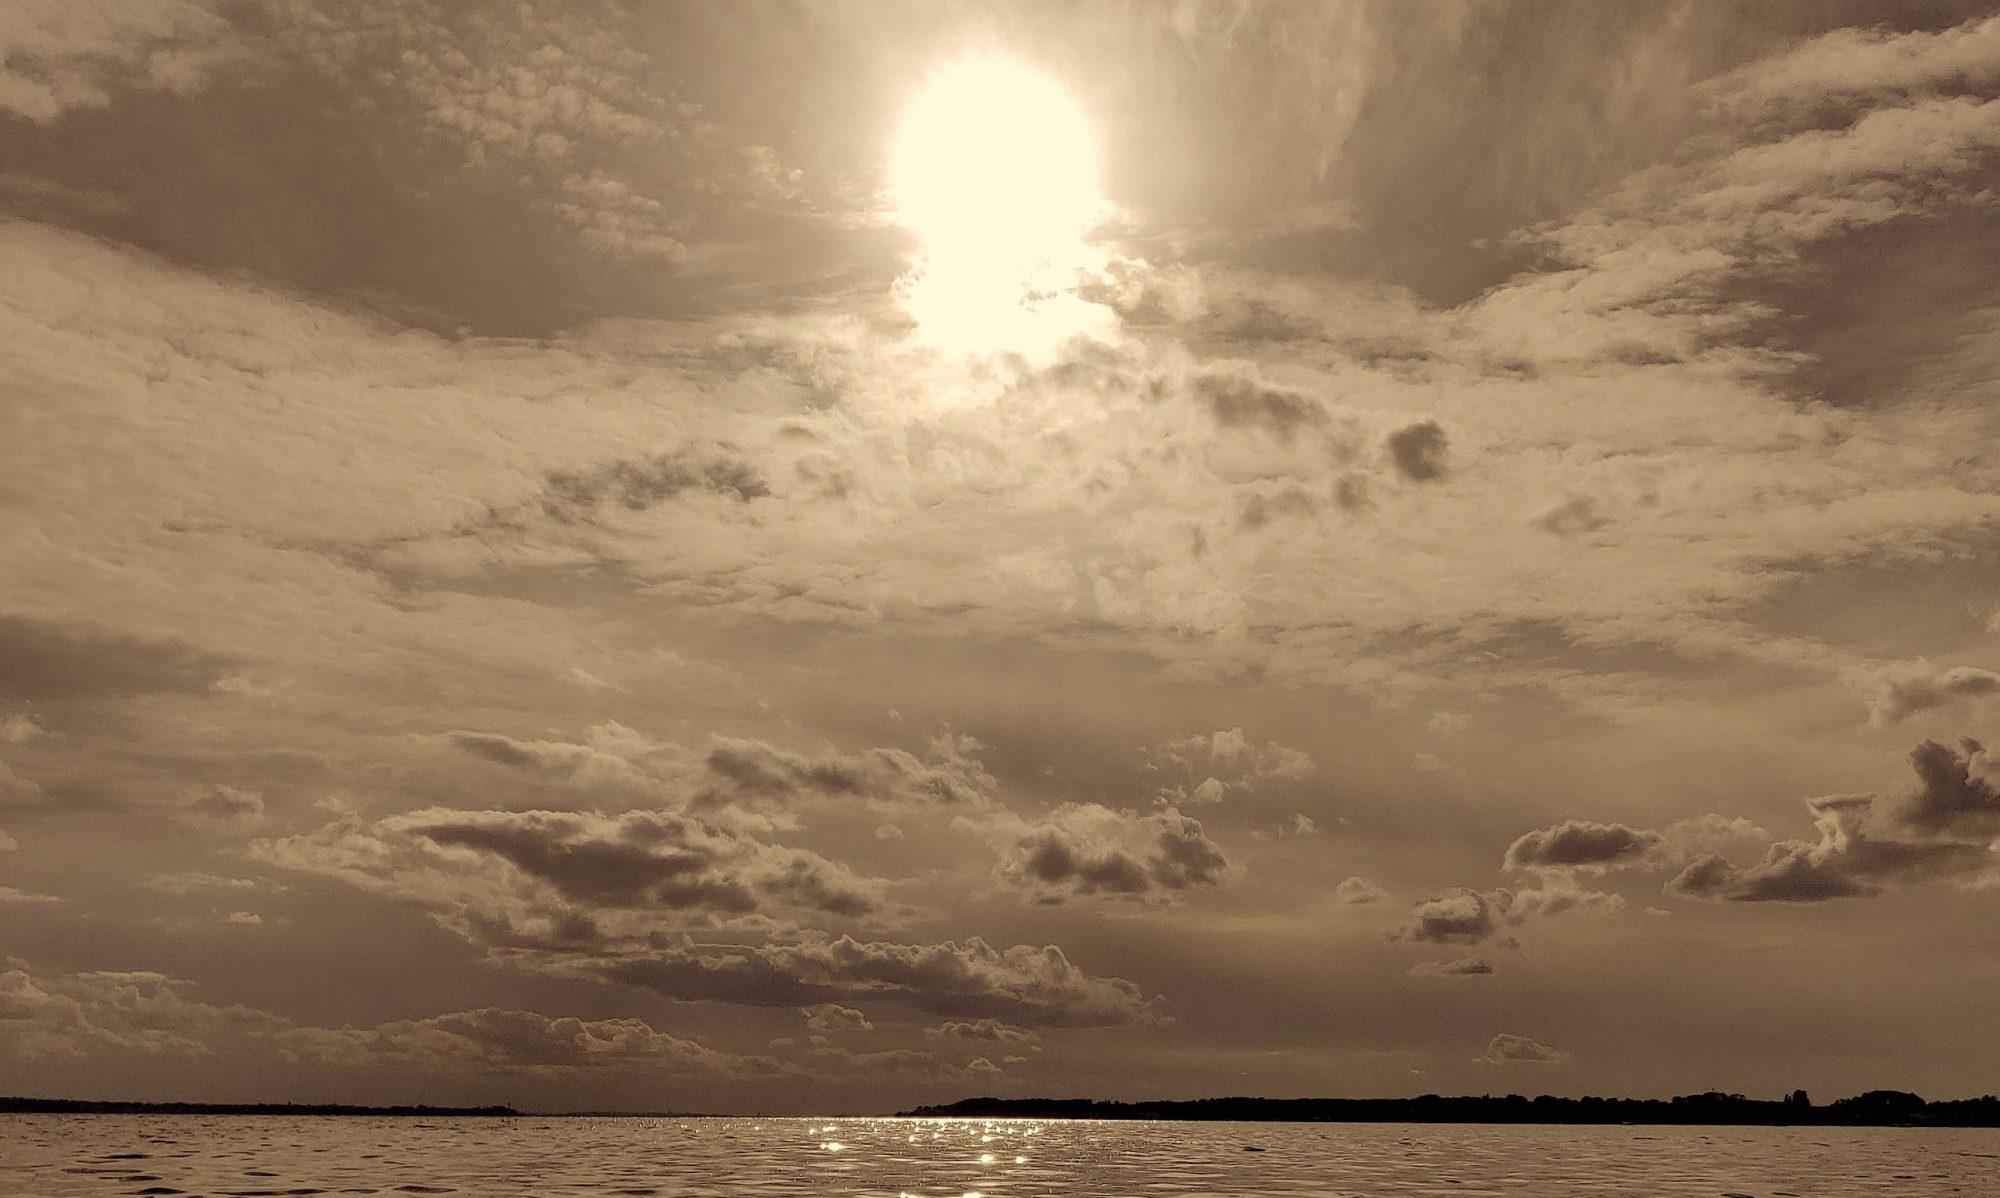 Ejnar Kanding